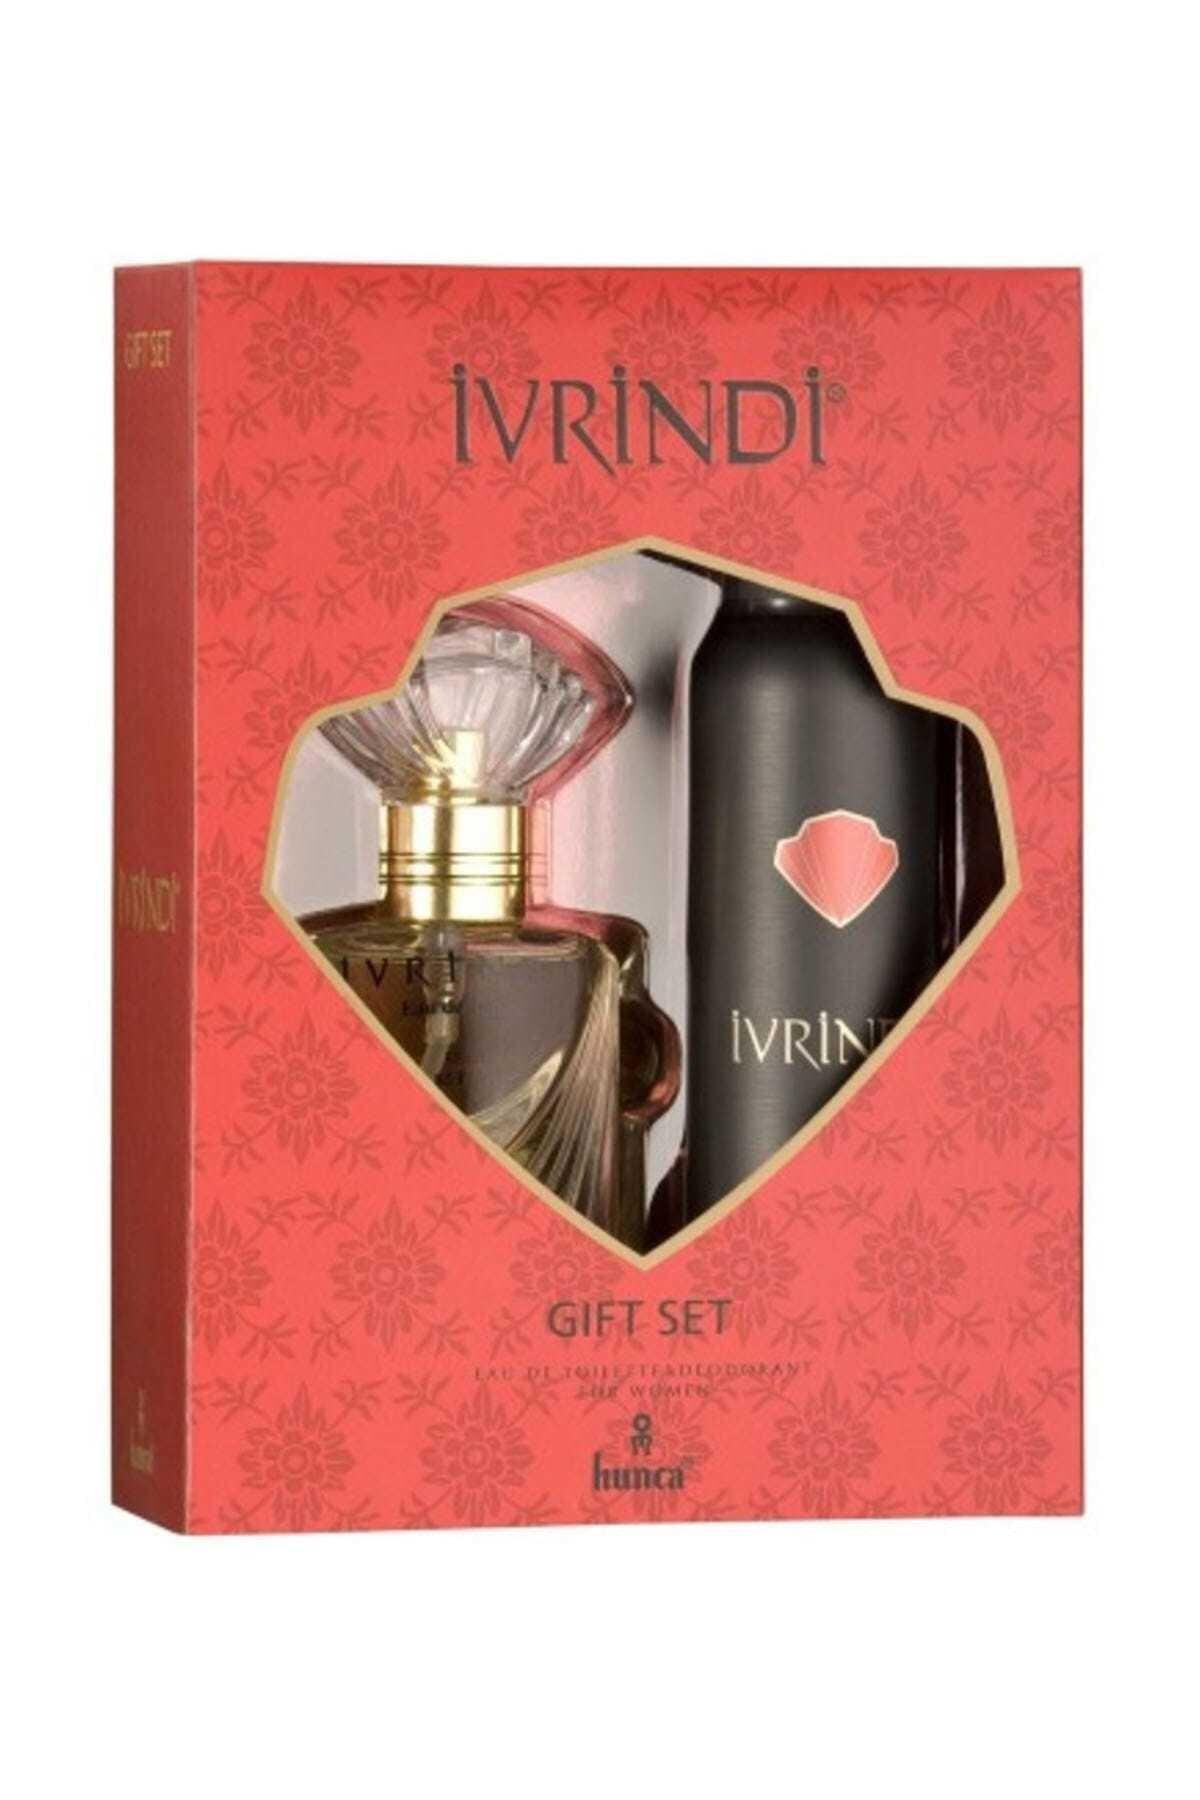 Edt 55 ml Deodorant 150 ml Kadın Parfüm Seti 8690973040879